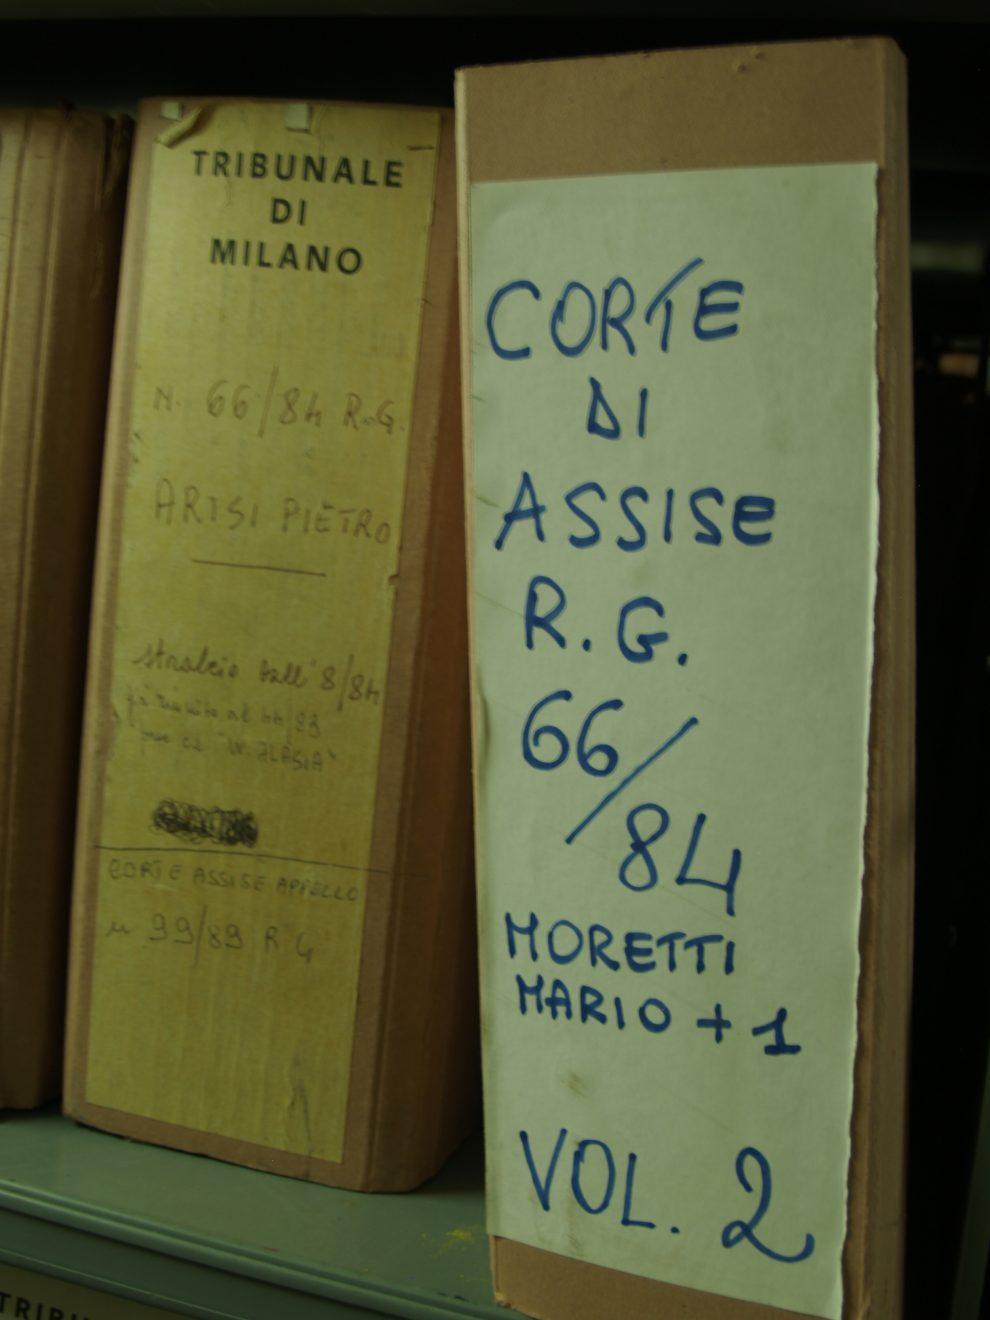 Le carte del processo a Mario Moretti, ex terrorista italiano, militante delle Brigate Rosse durante gli anni di piombo